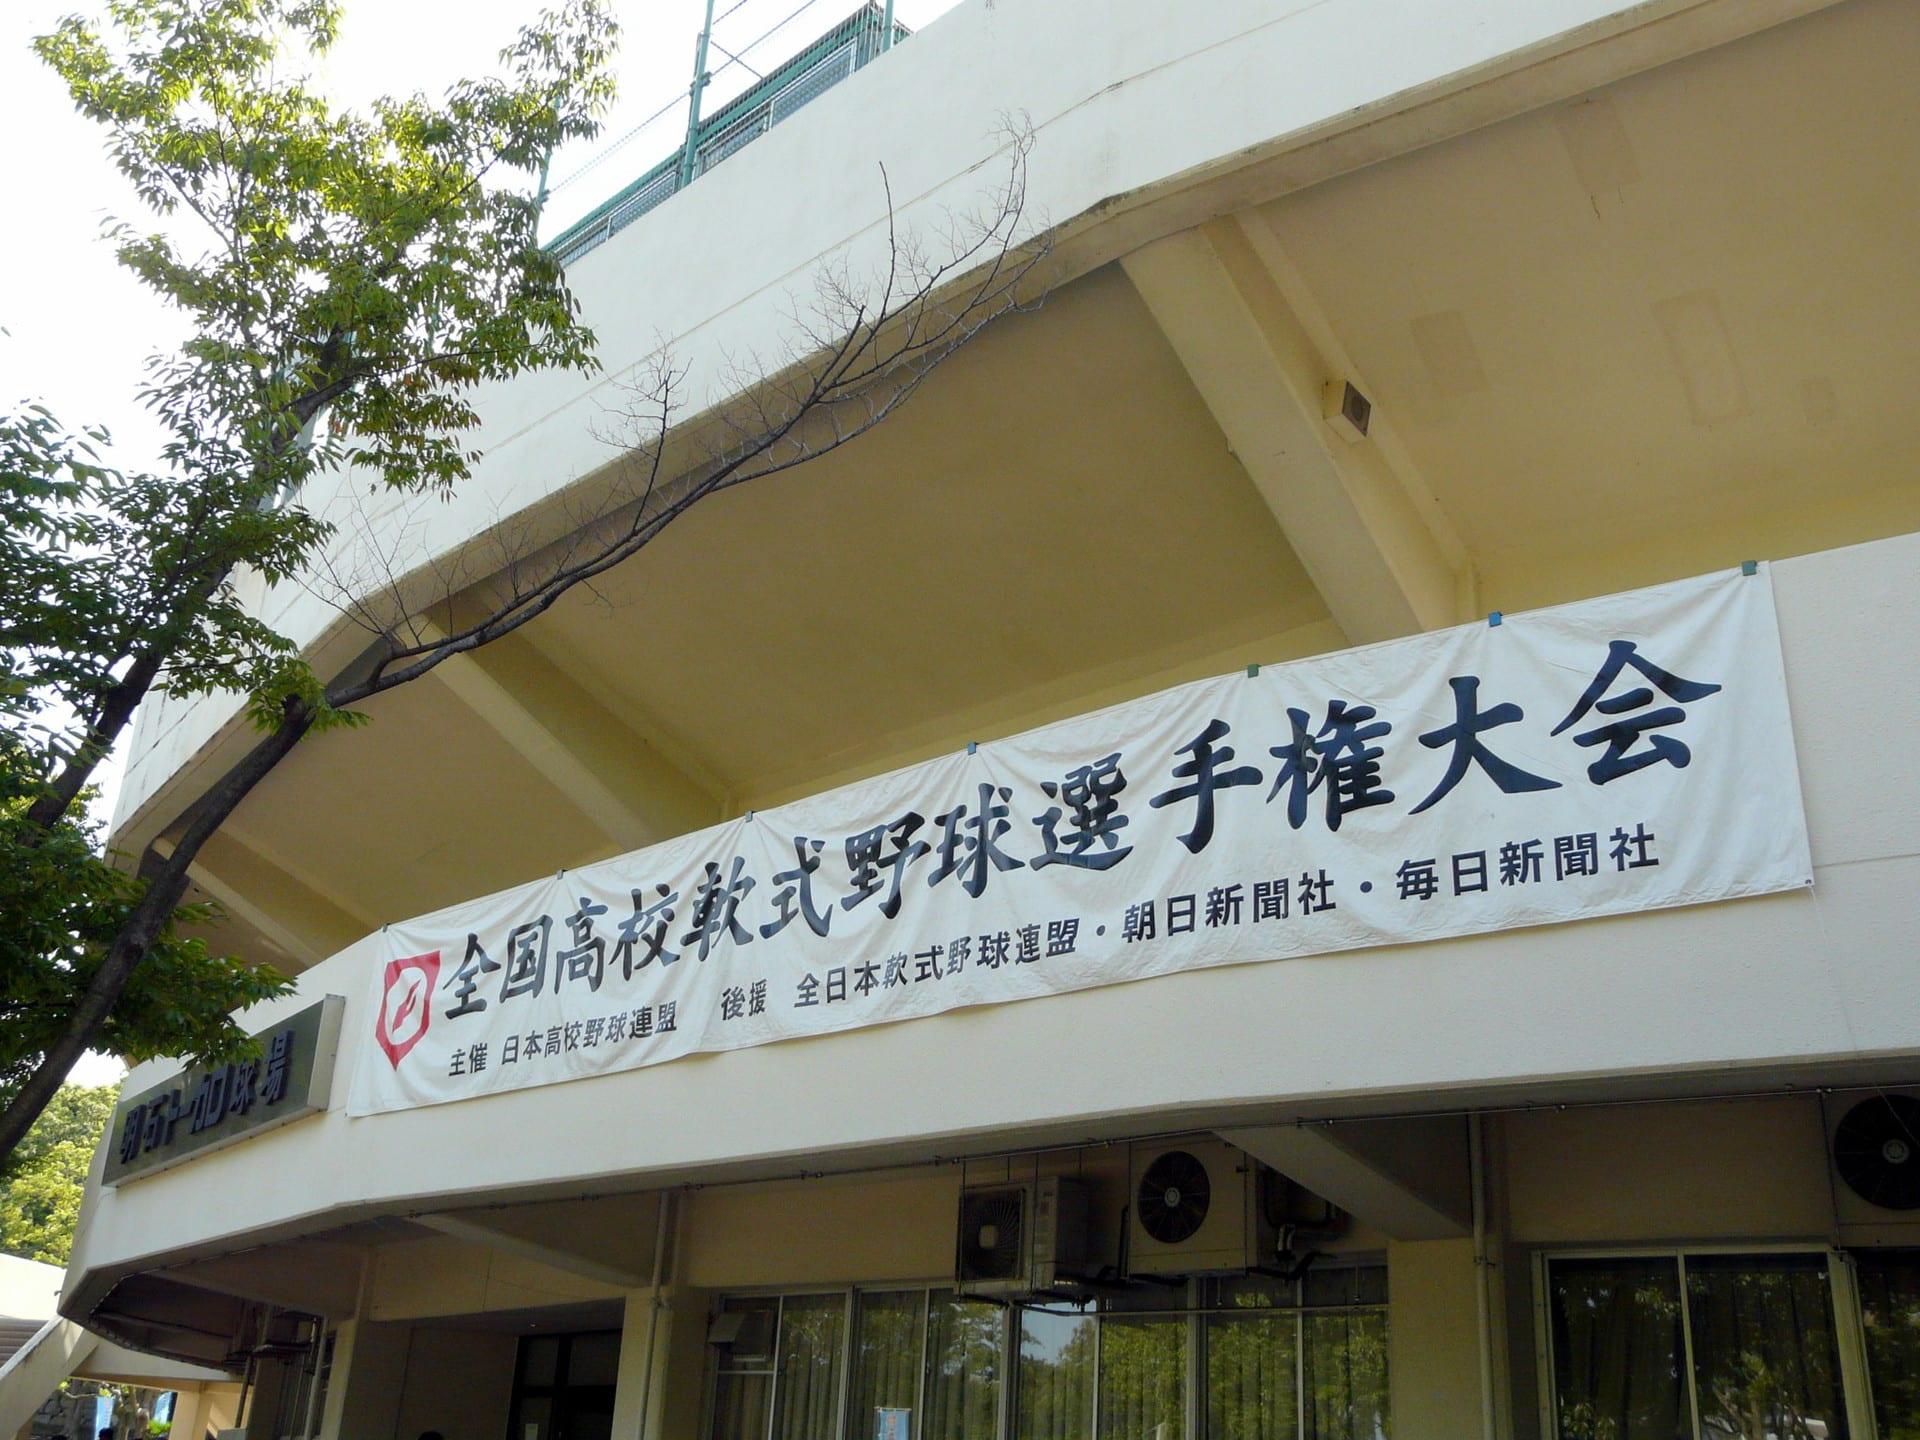 全国高等学校軟式野球選手権大会東京大会 年 -  …